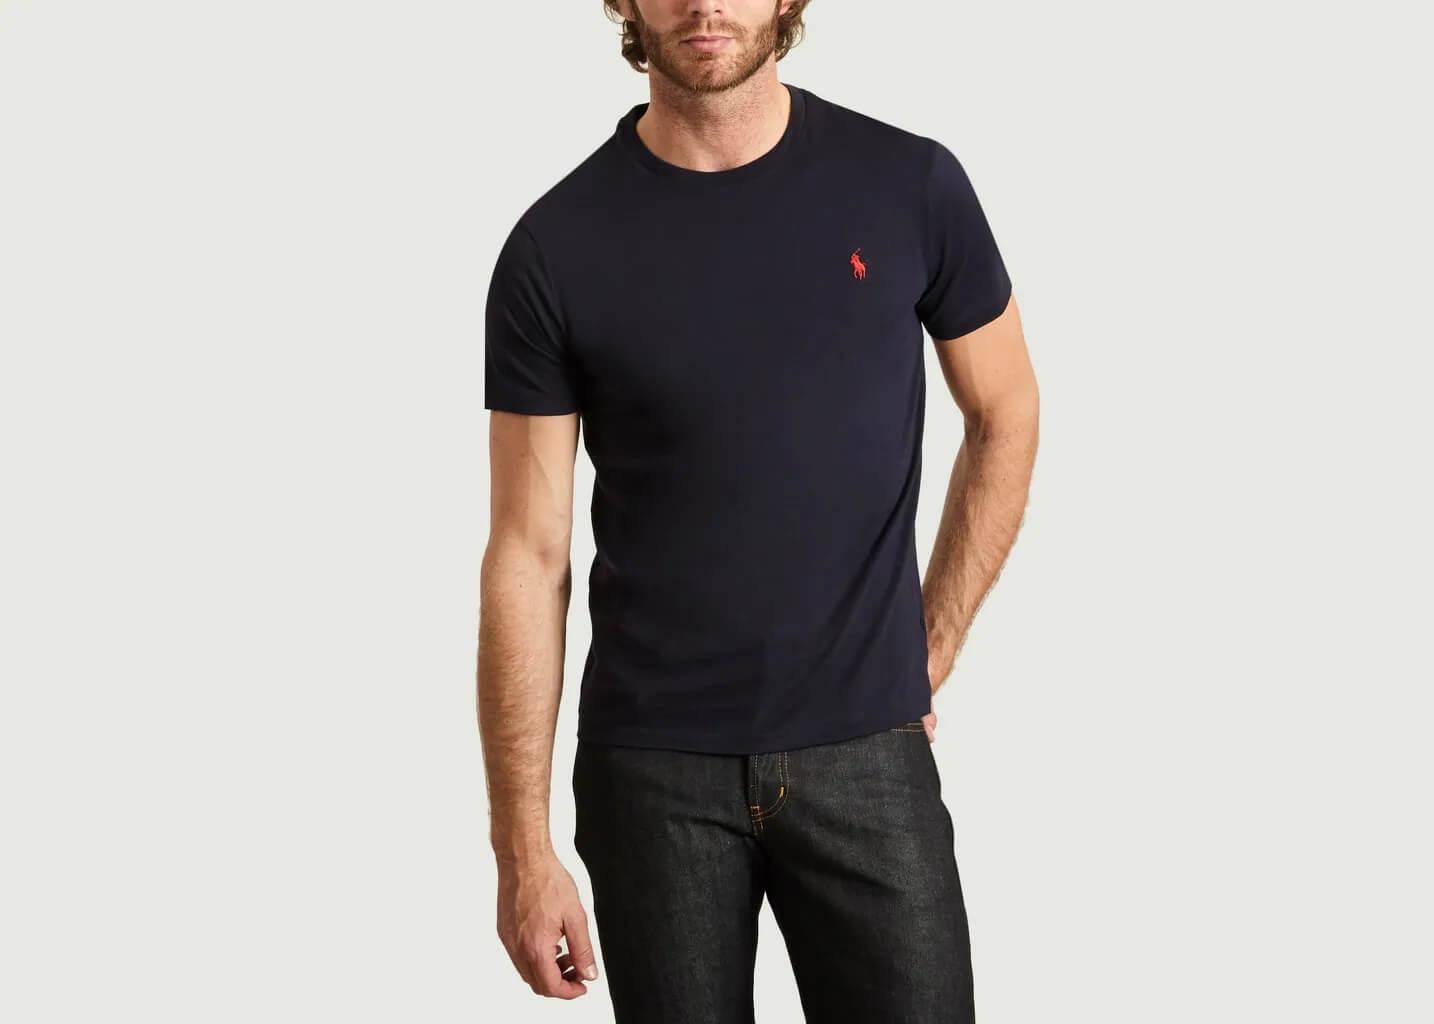 Polo Ralph Lauren的Polo衫已是經典美式休閒單品。